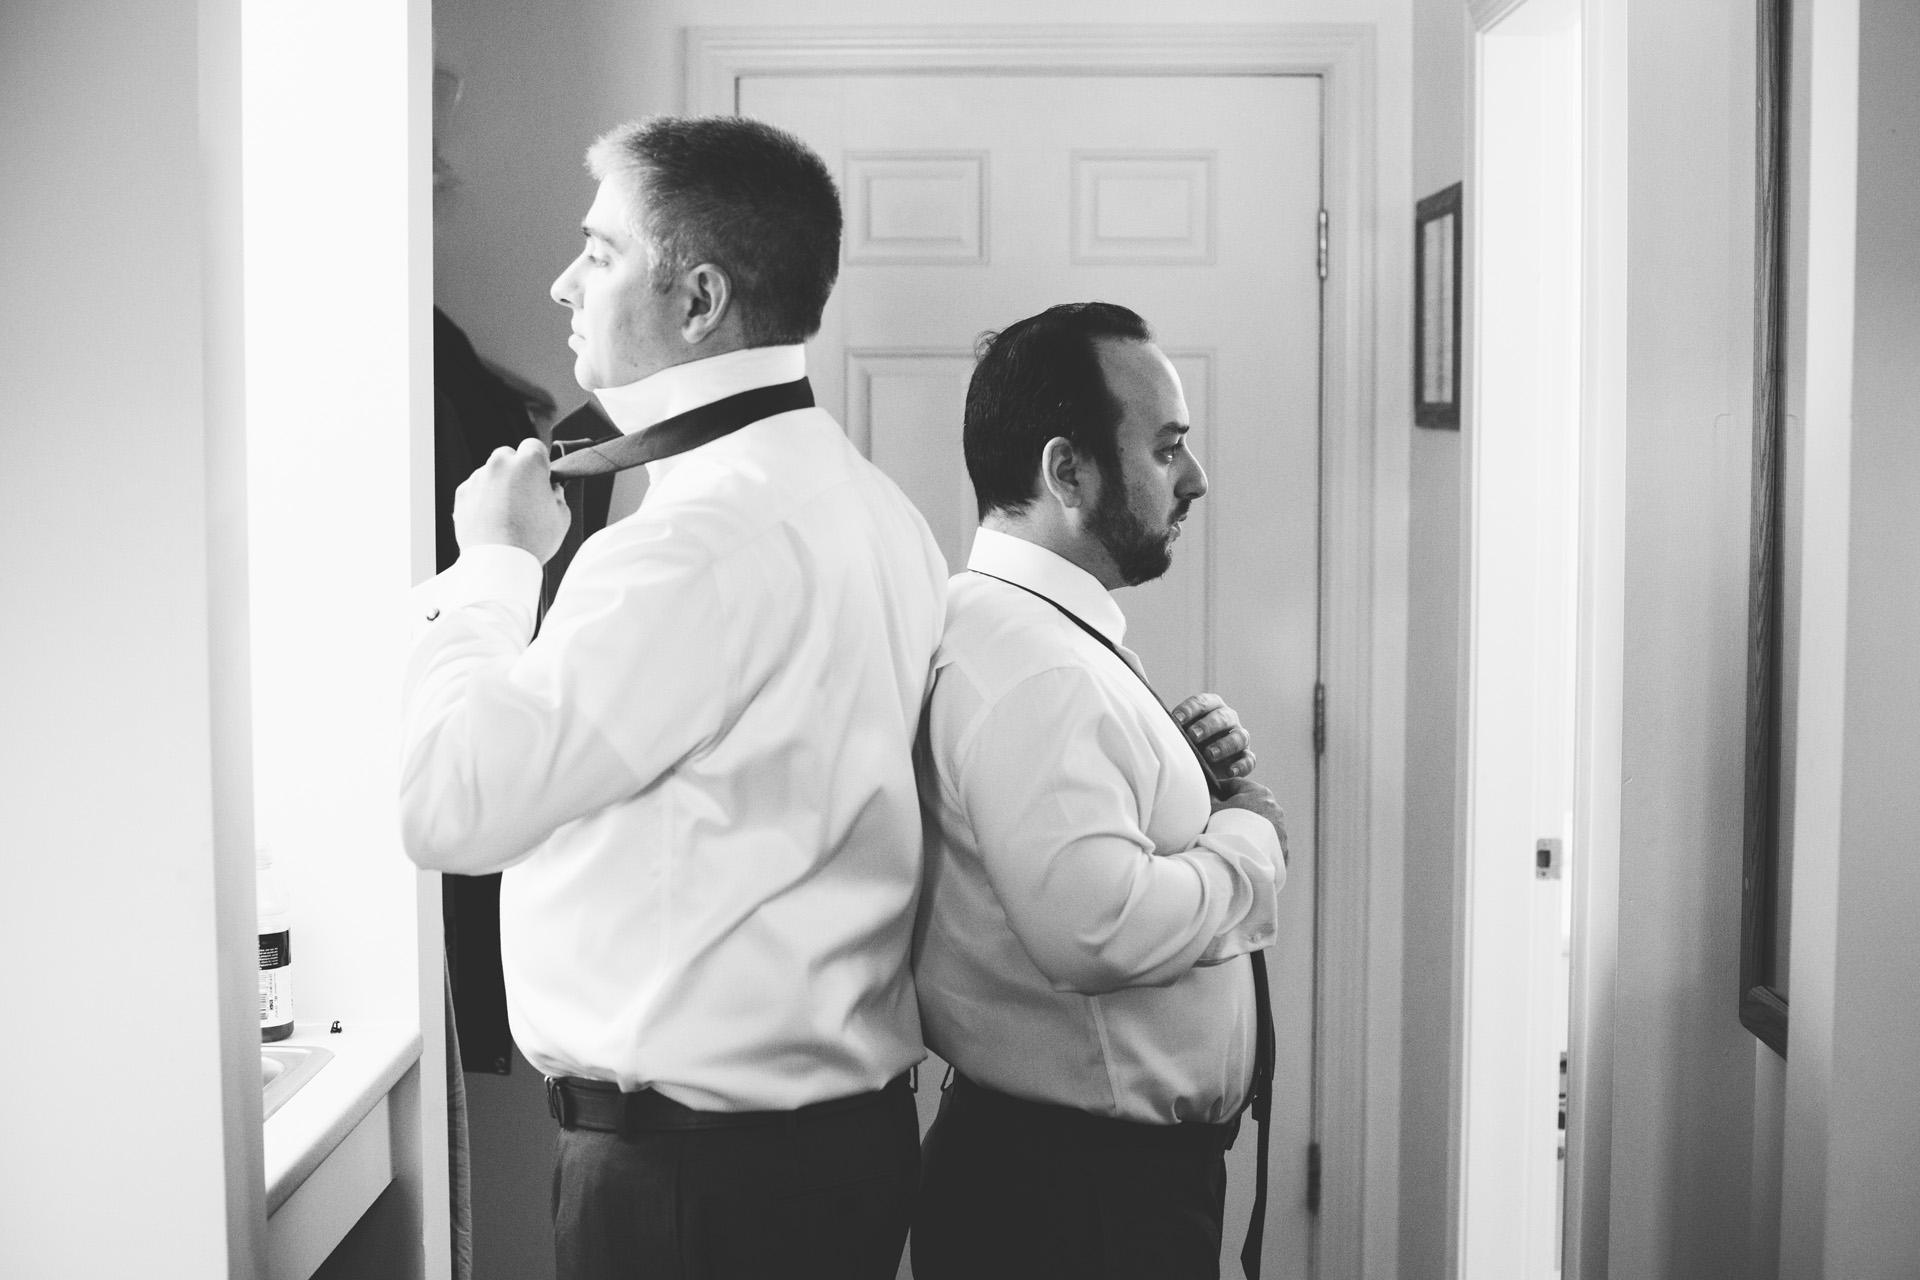 mount-washington-hotel-wedding-photographer-007